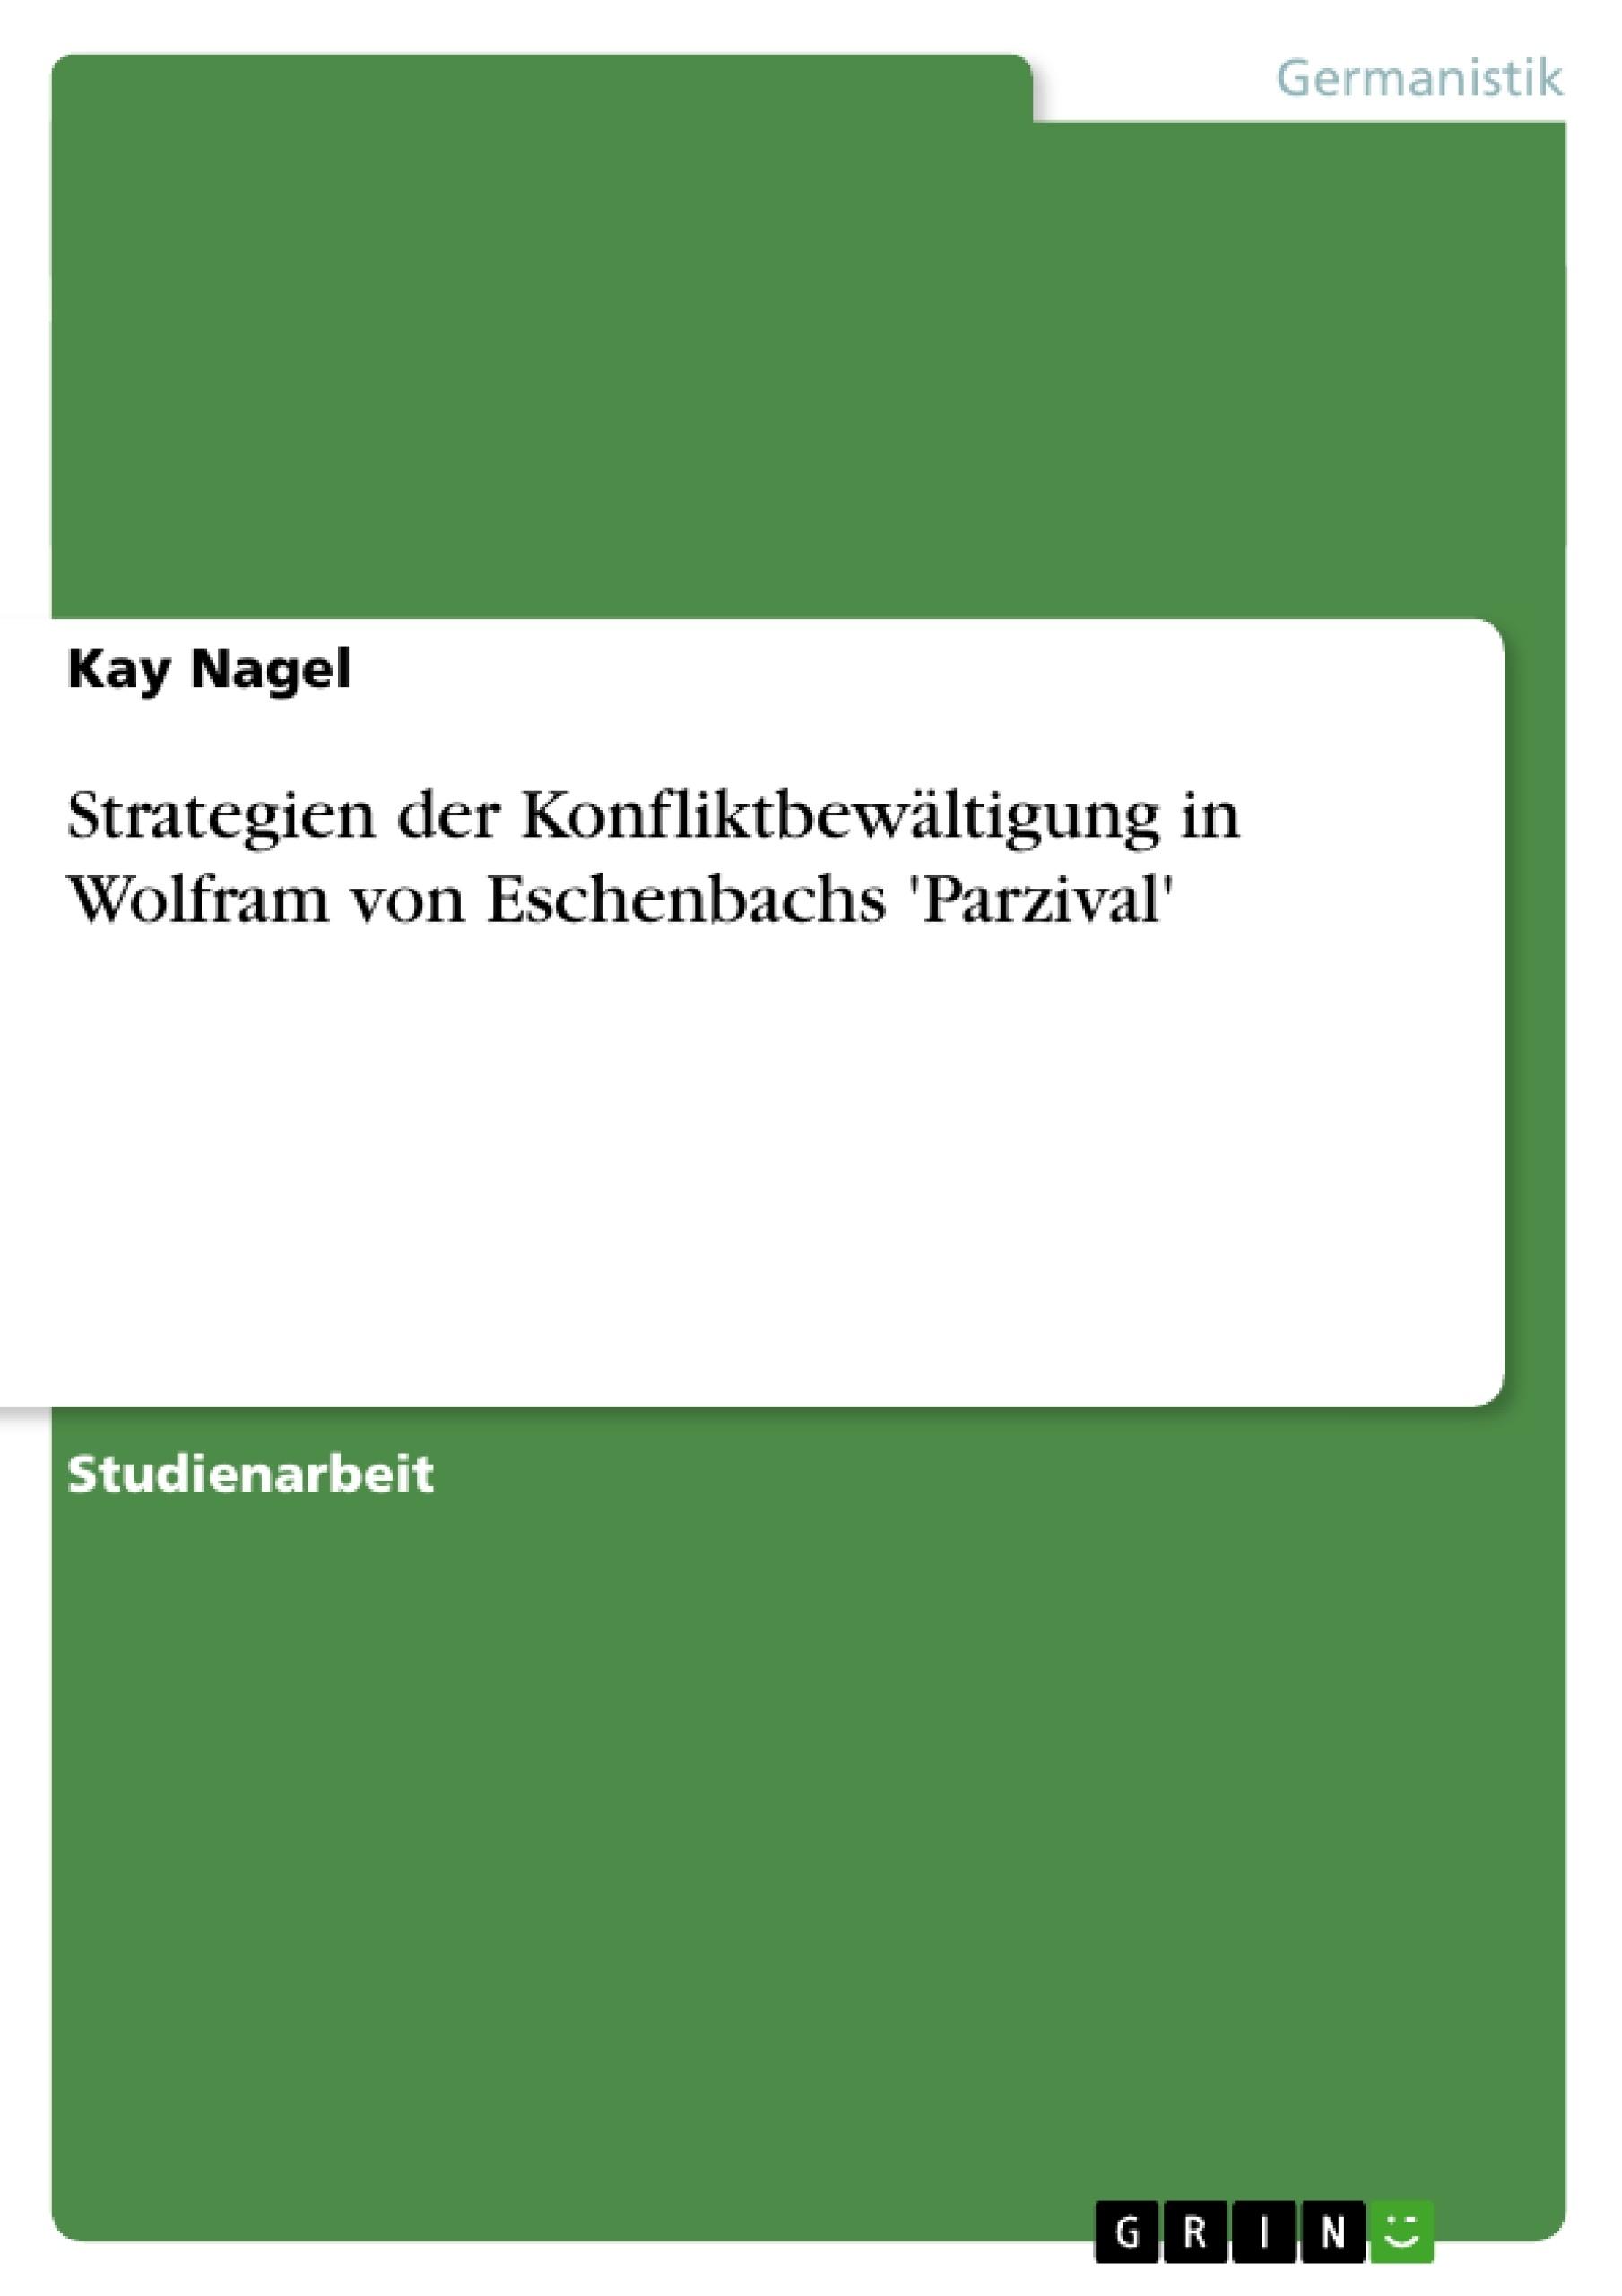 Titel: Strategien der Konfliktbewältigung in Wolfram von Eschenbachs 'Parzival'